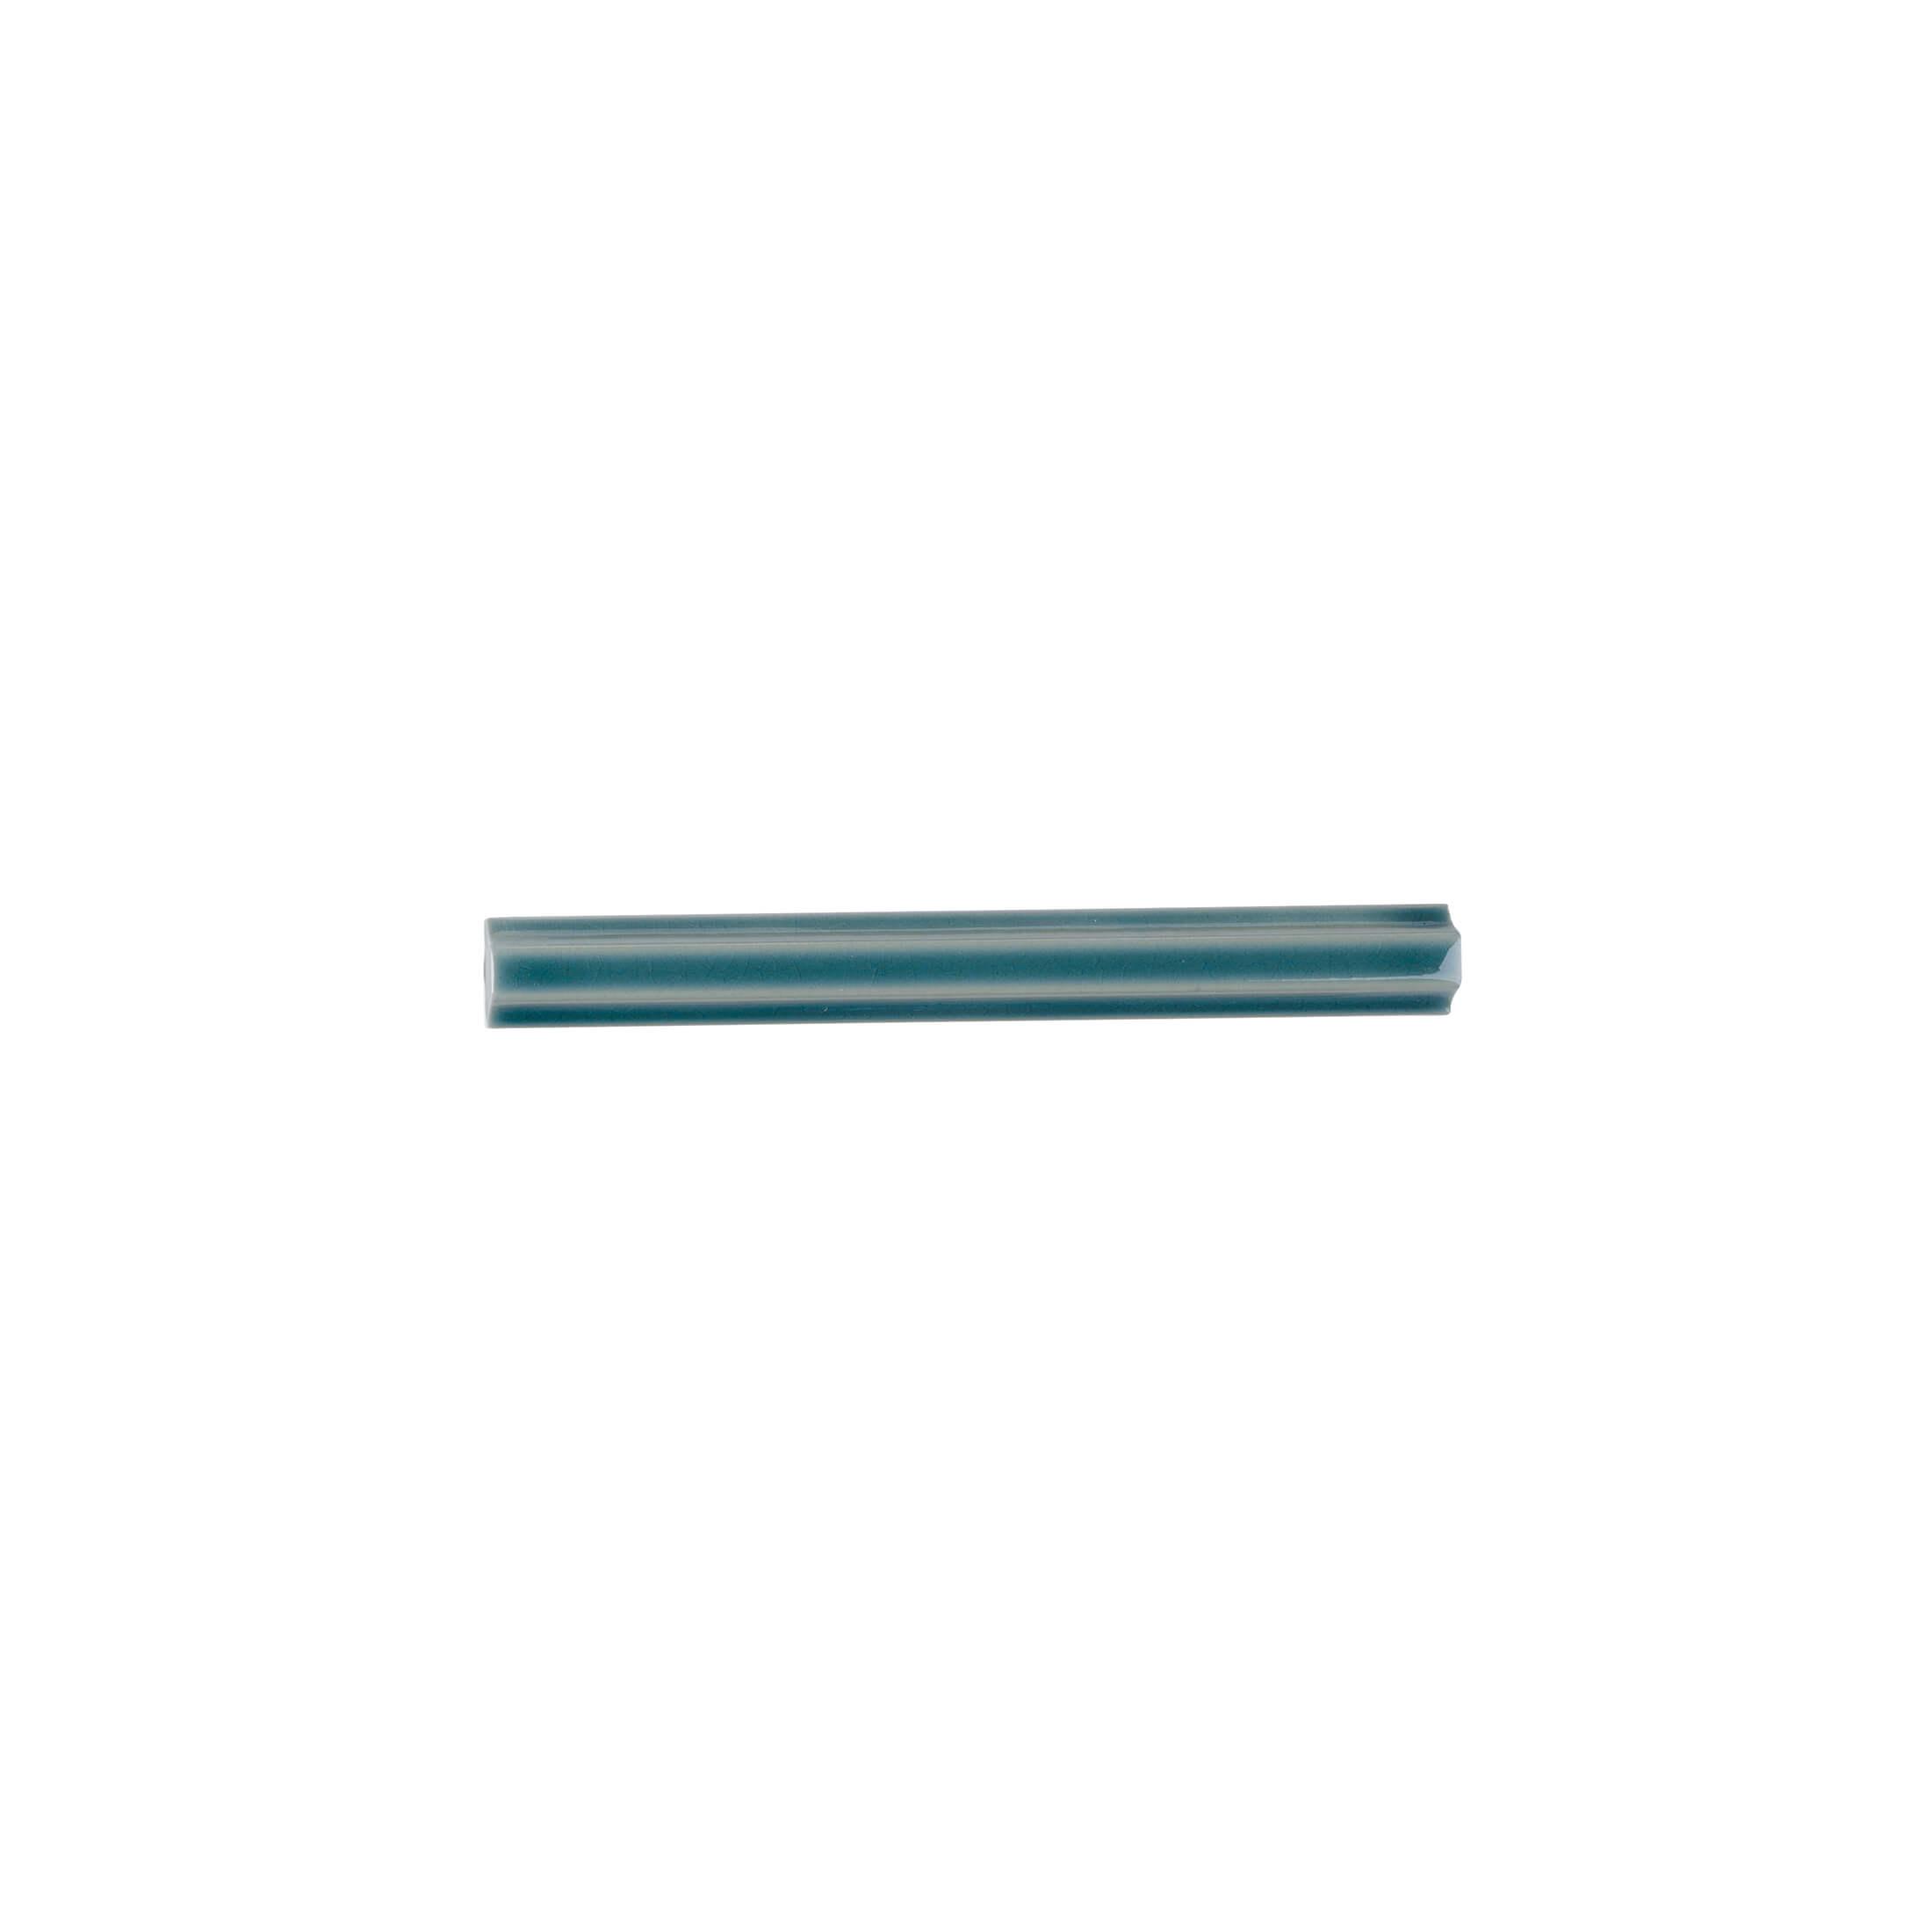 ADMO5270 - LISTELO CLASICO C/C - 1.7 cm X 15 cm